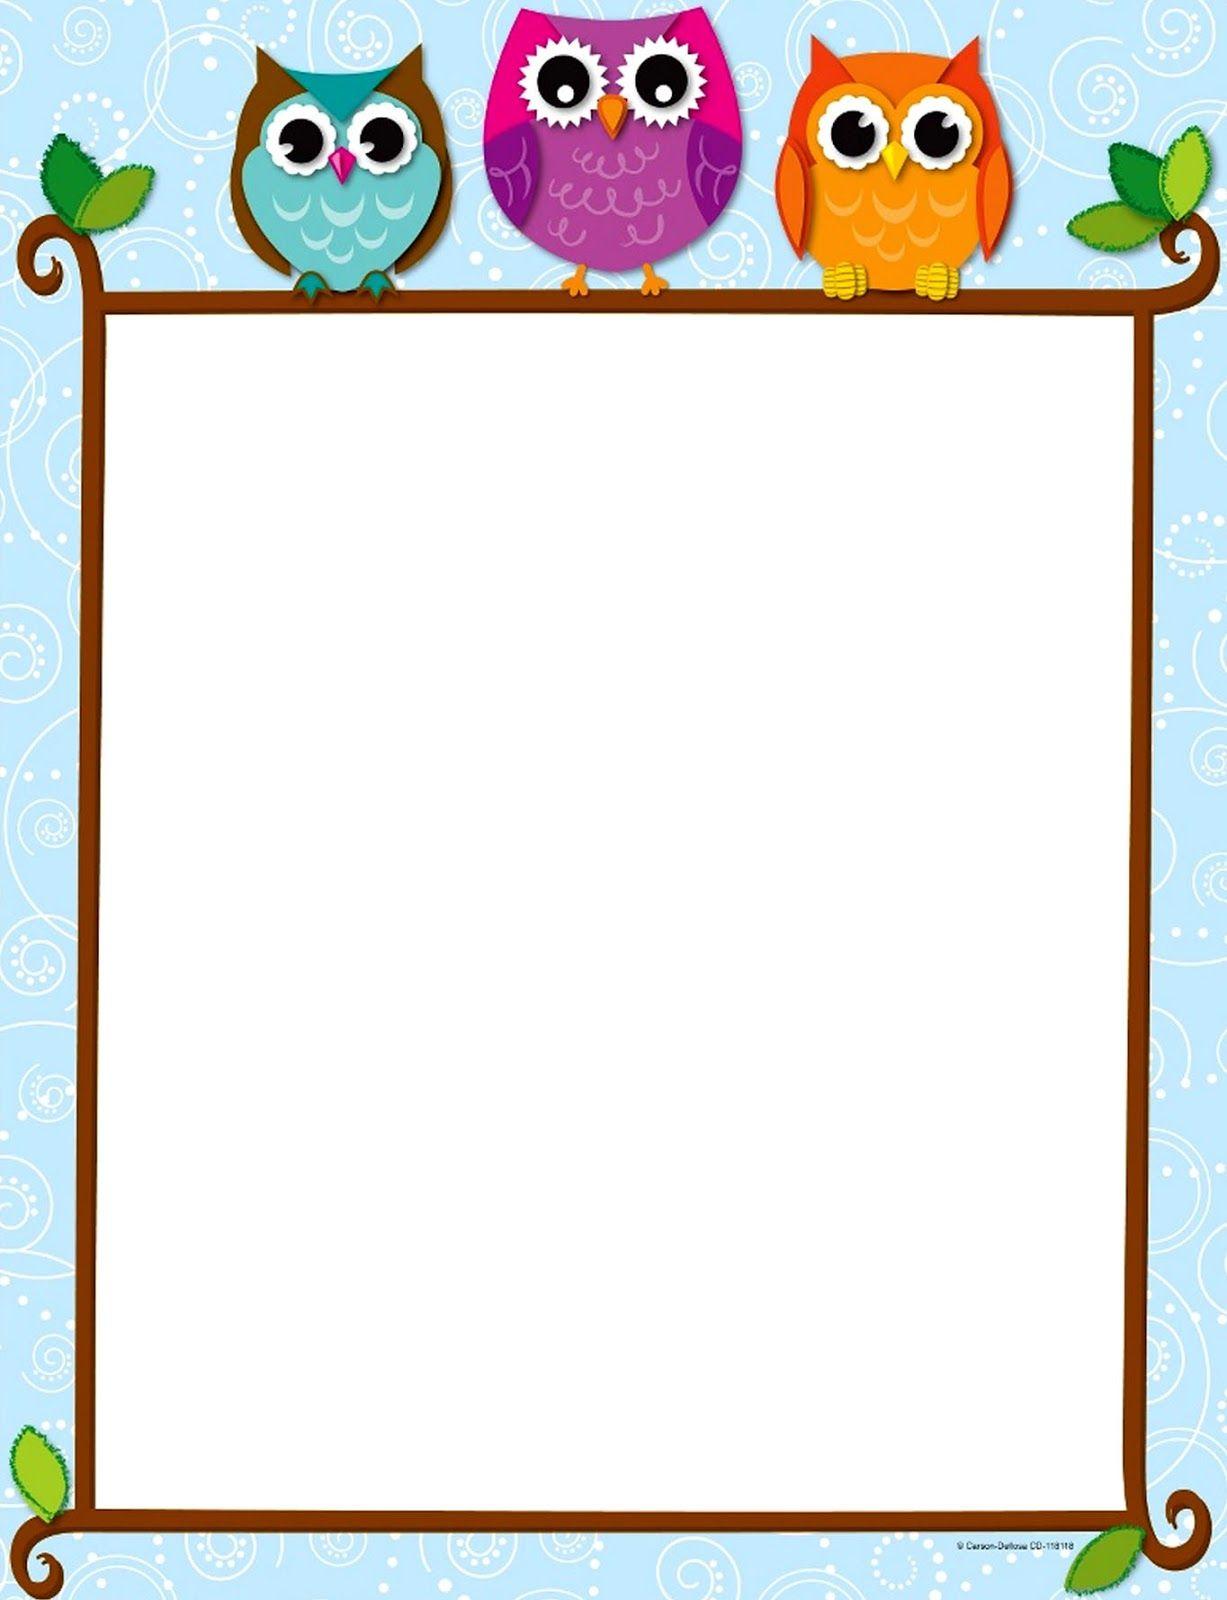 Bordes decorativos bordes decorativos de hojas de b hos - Hojas decoradas para ninas ...